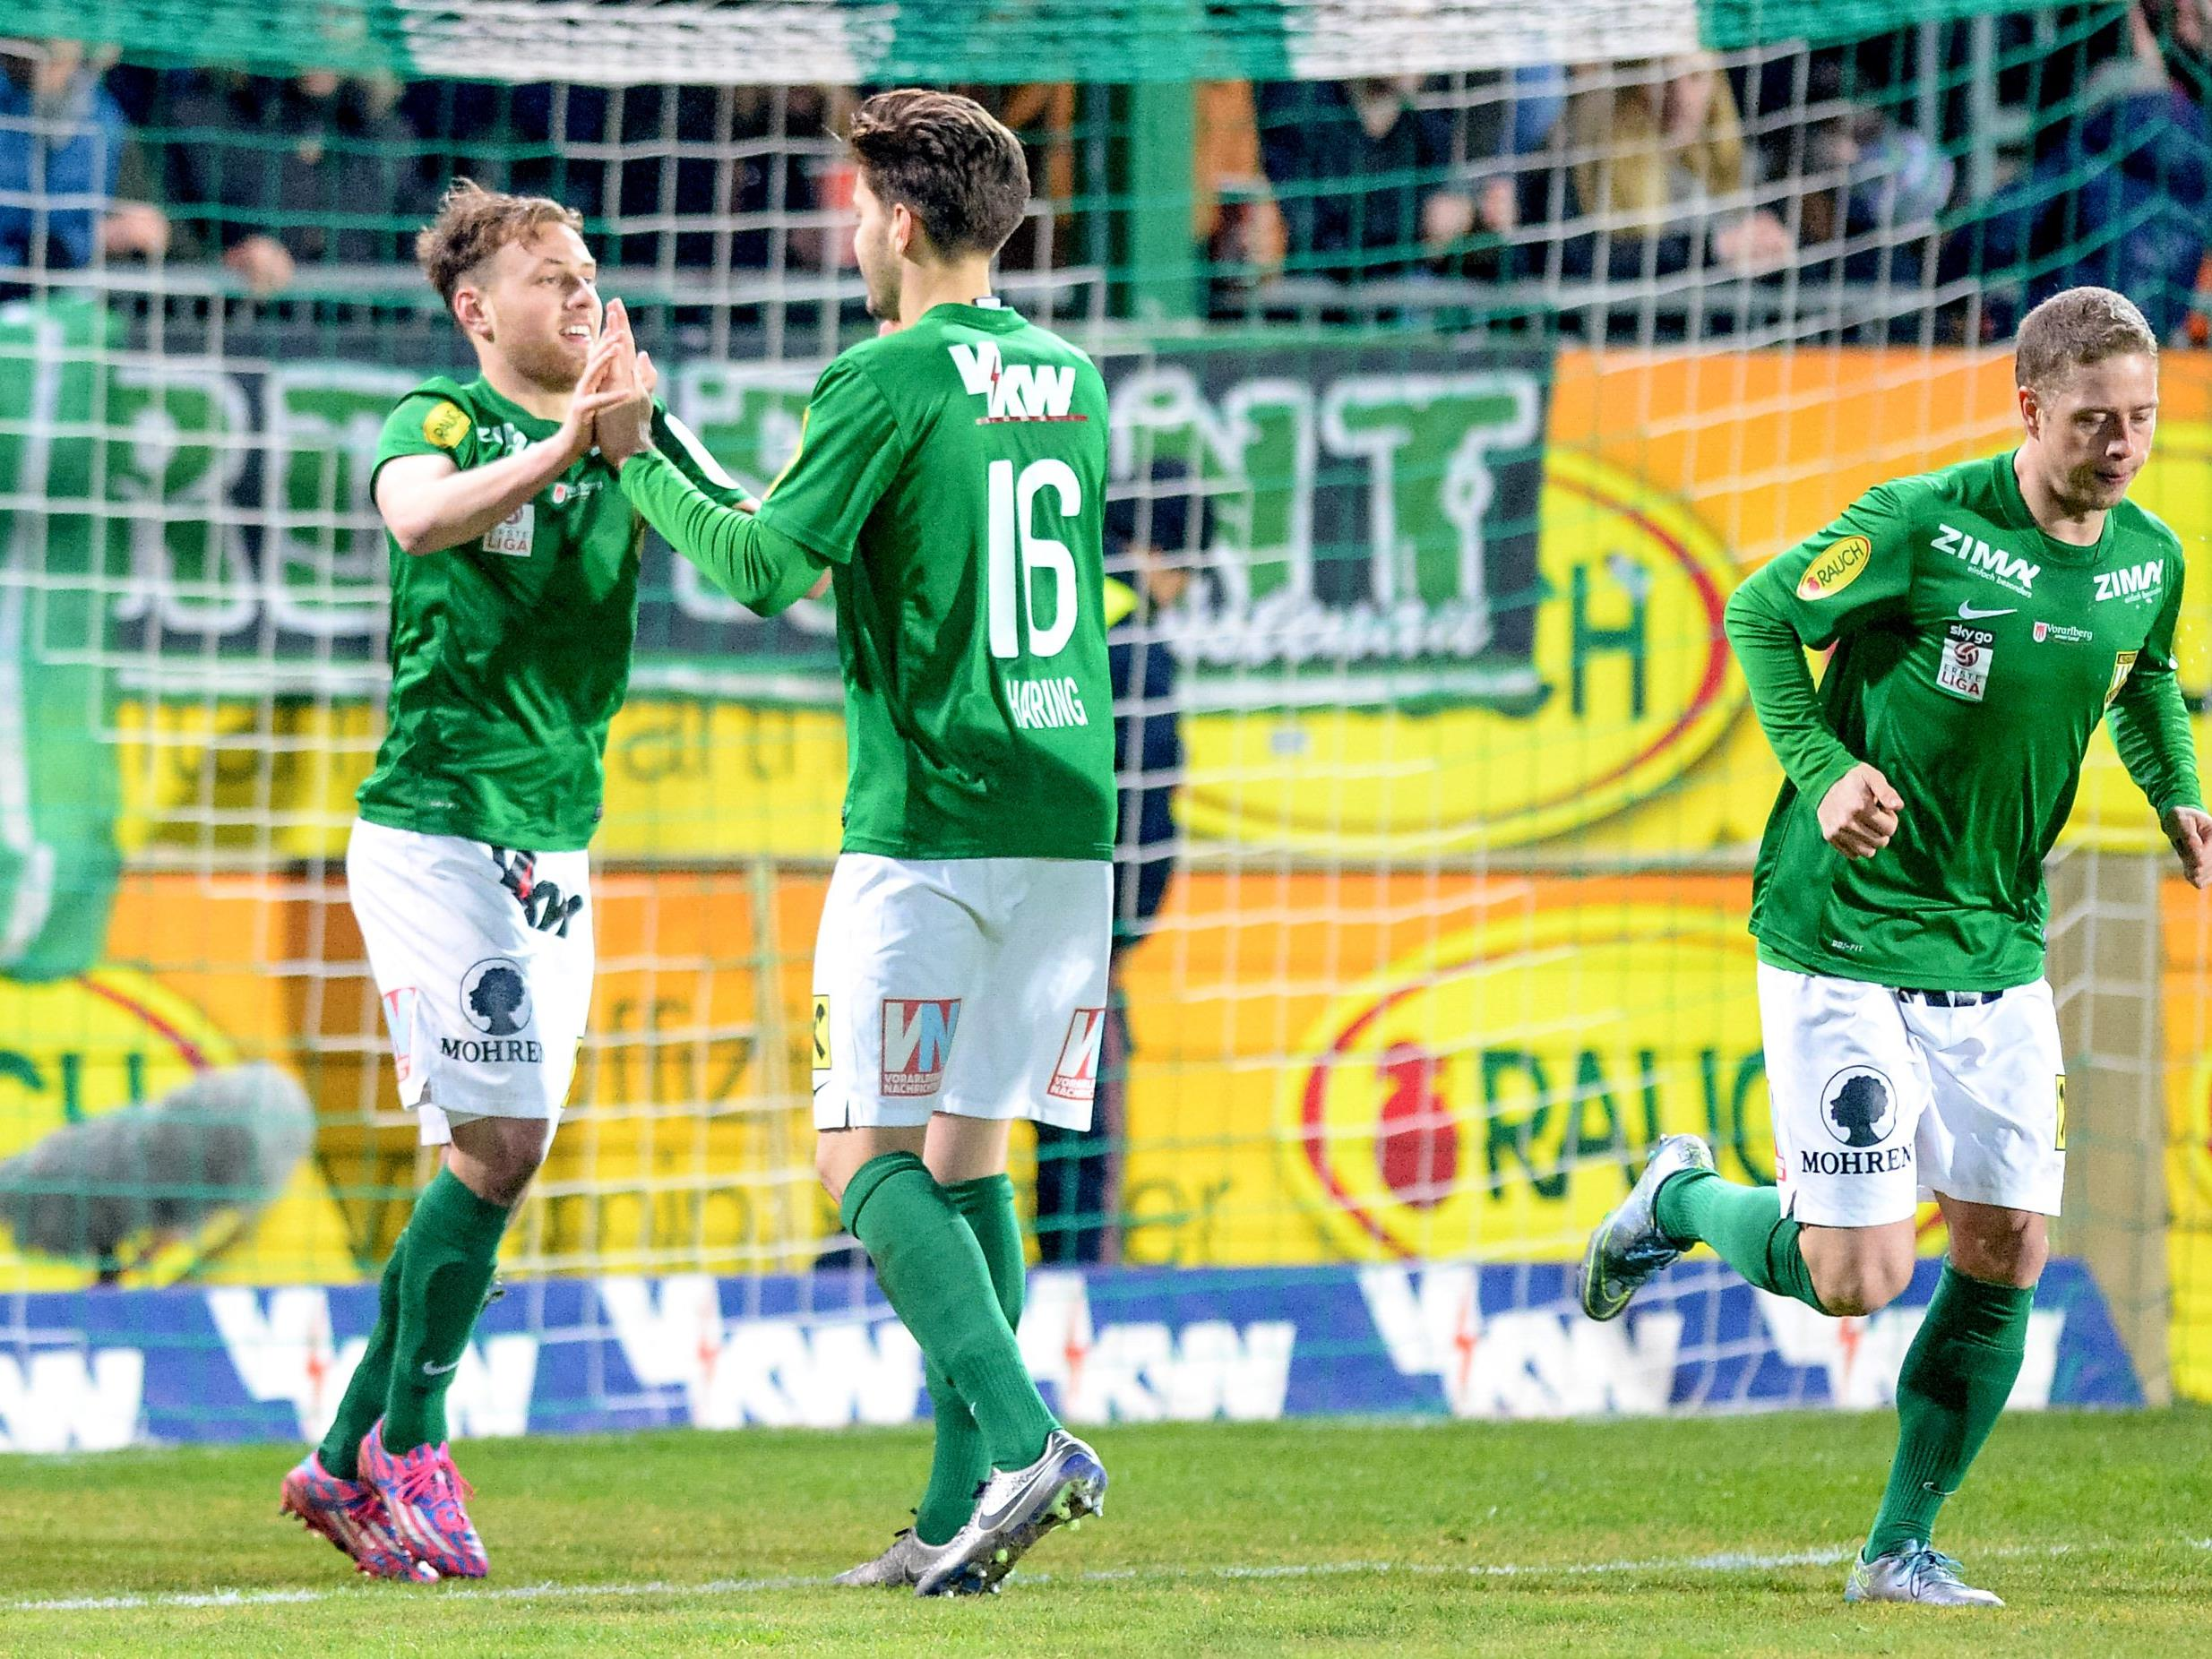 Die Lustenauer austria hat in den letzten Spielen eine beeindruckende Serie hingelegt.